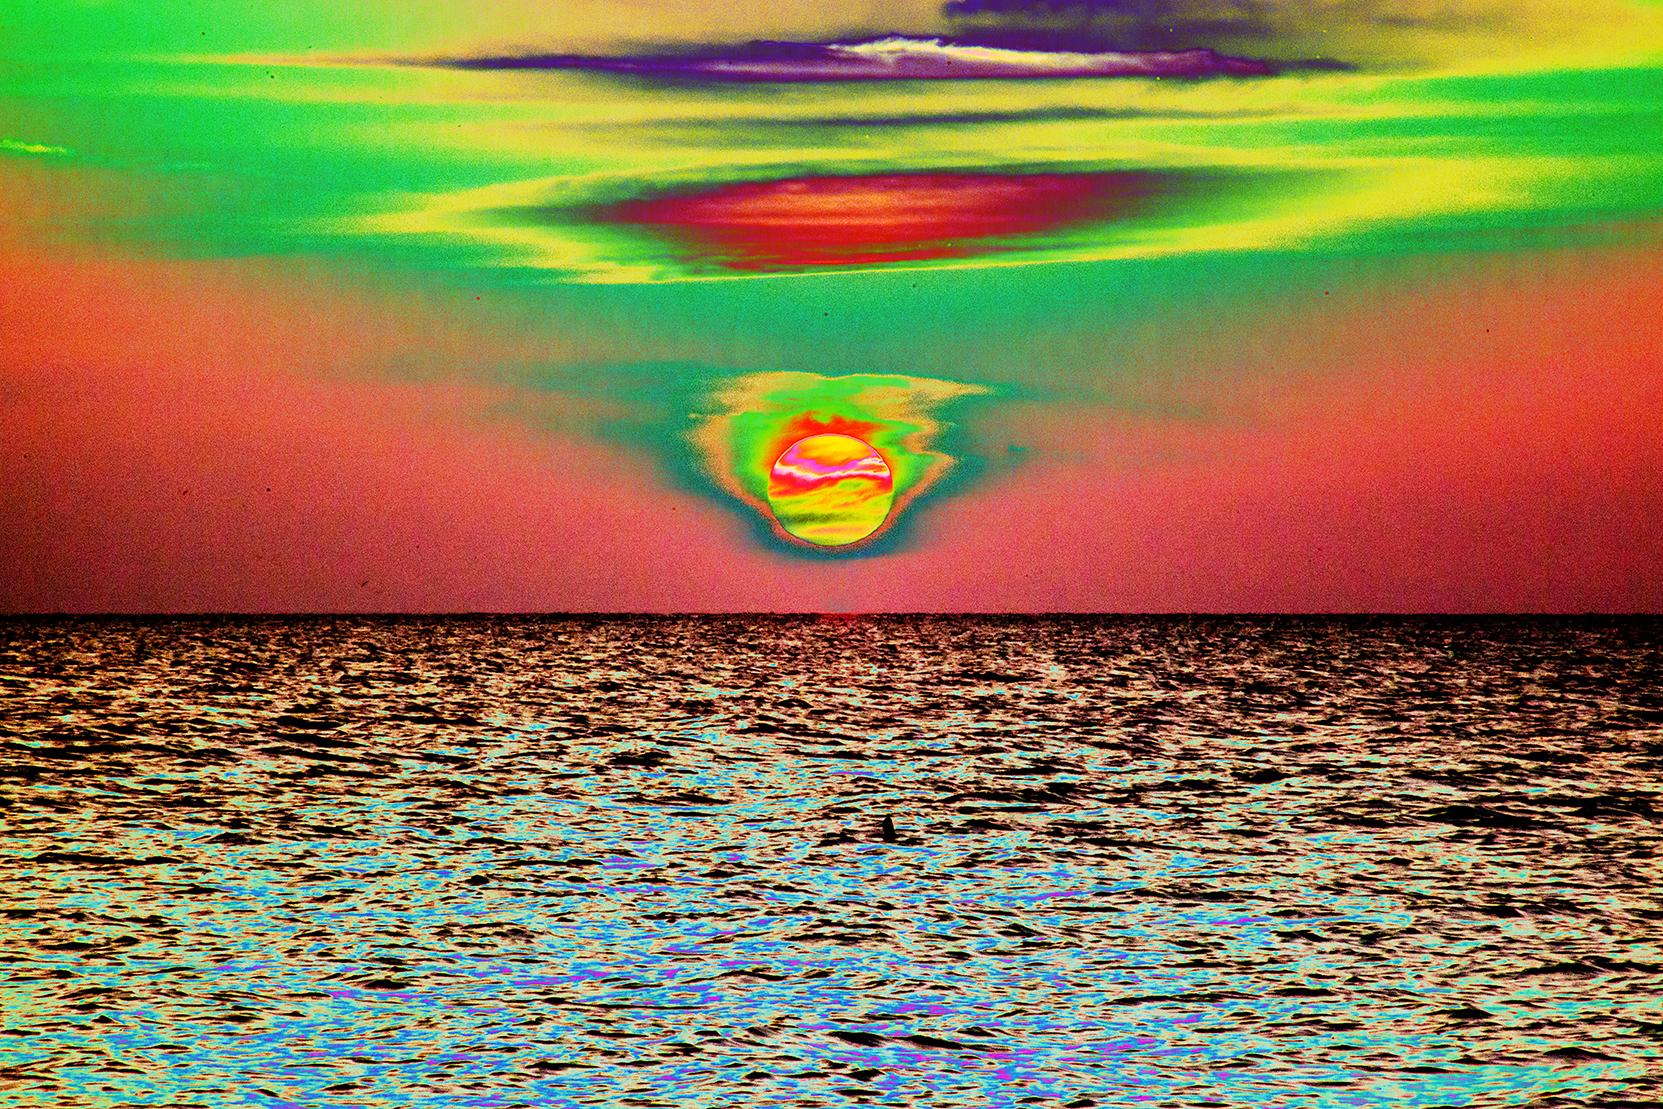 trippy jupiter sun.jpg